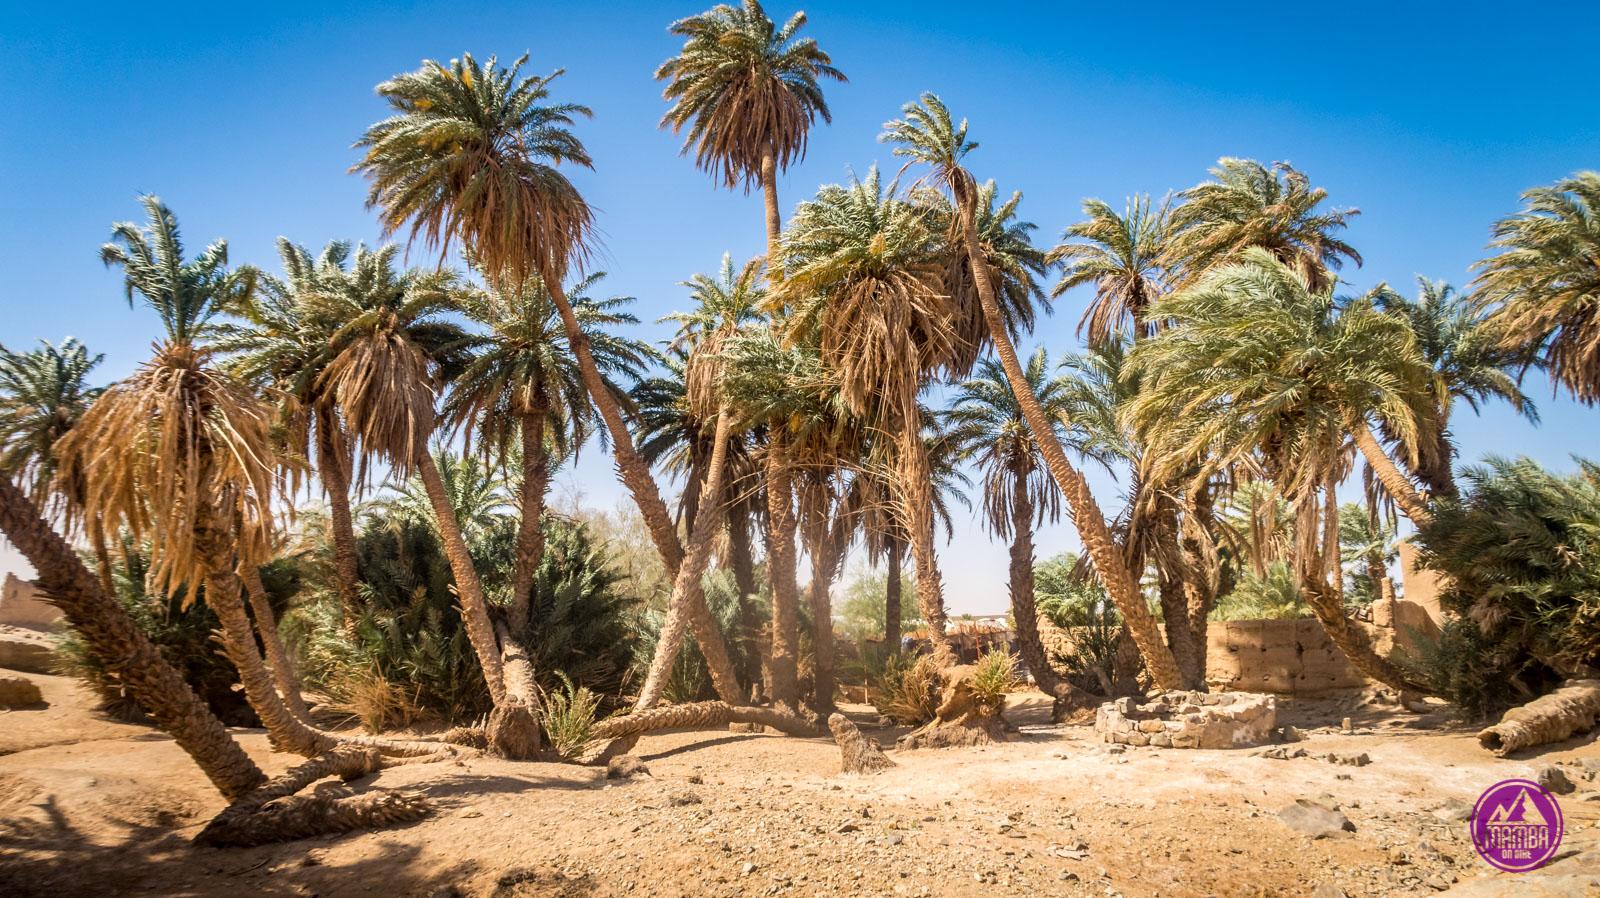 Oaza na pustyni.